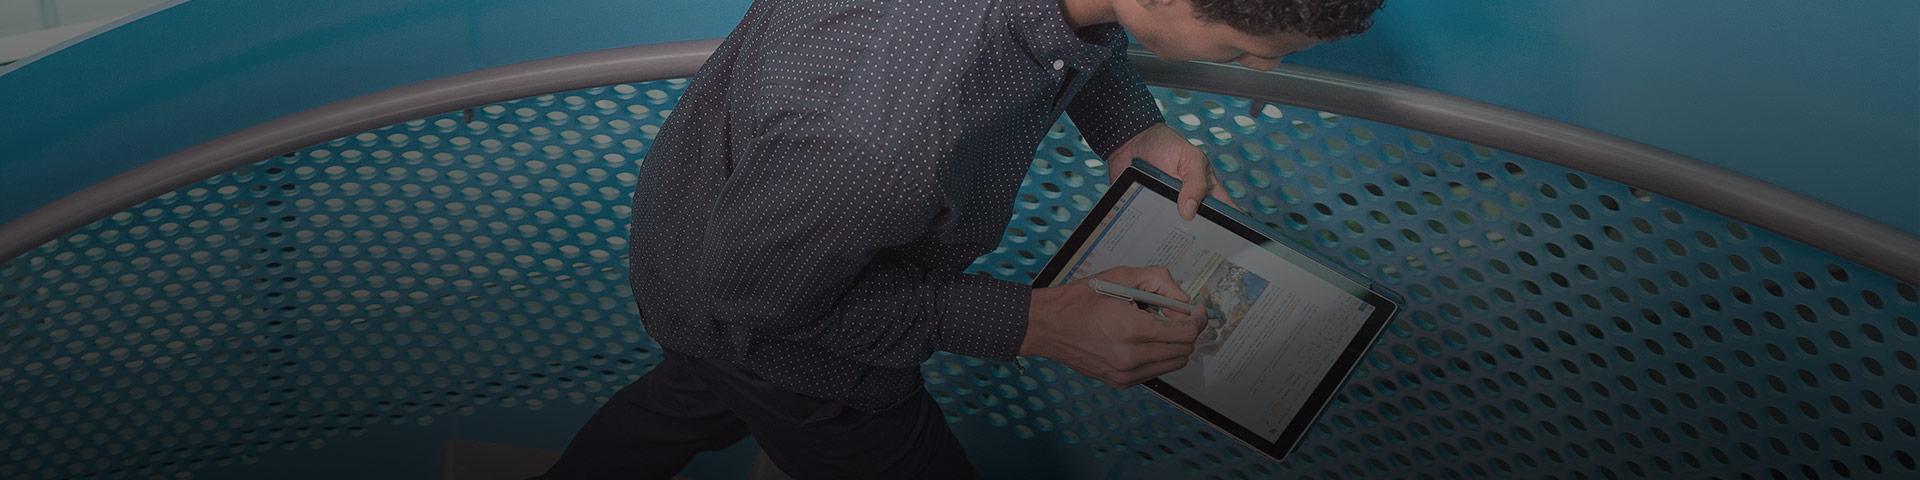 Ein Mann arbeitet mit einem Tablet, während er eine Treppe hinauf steigt